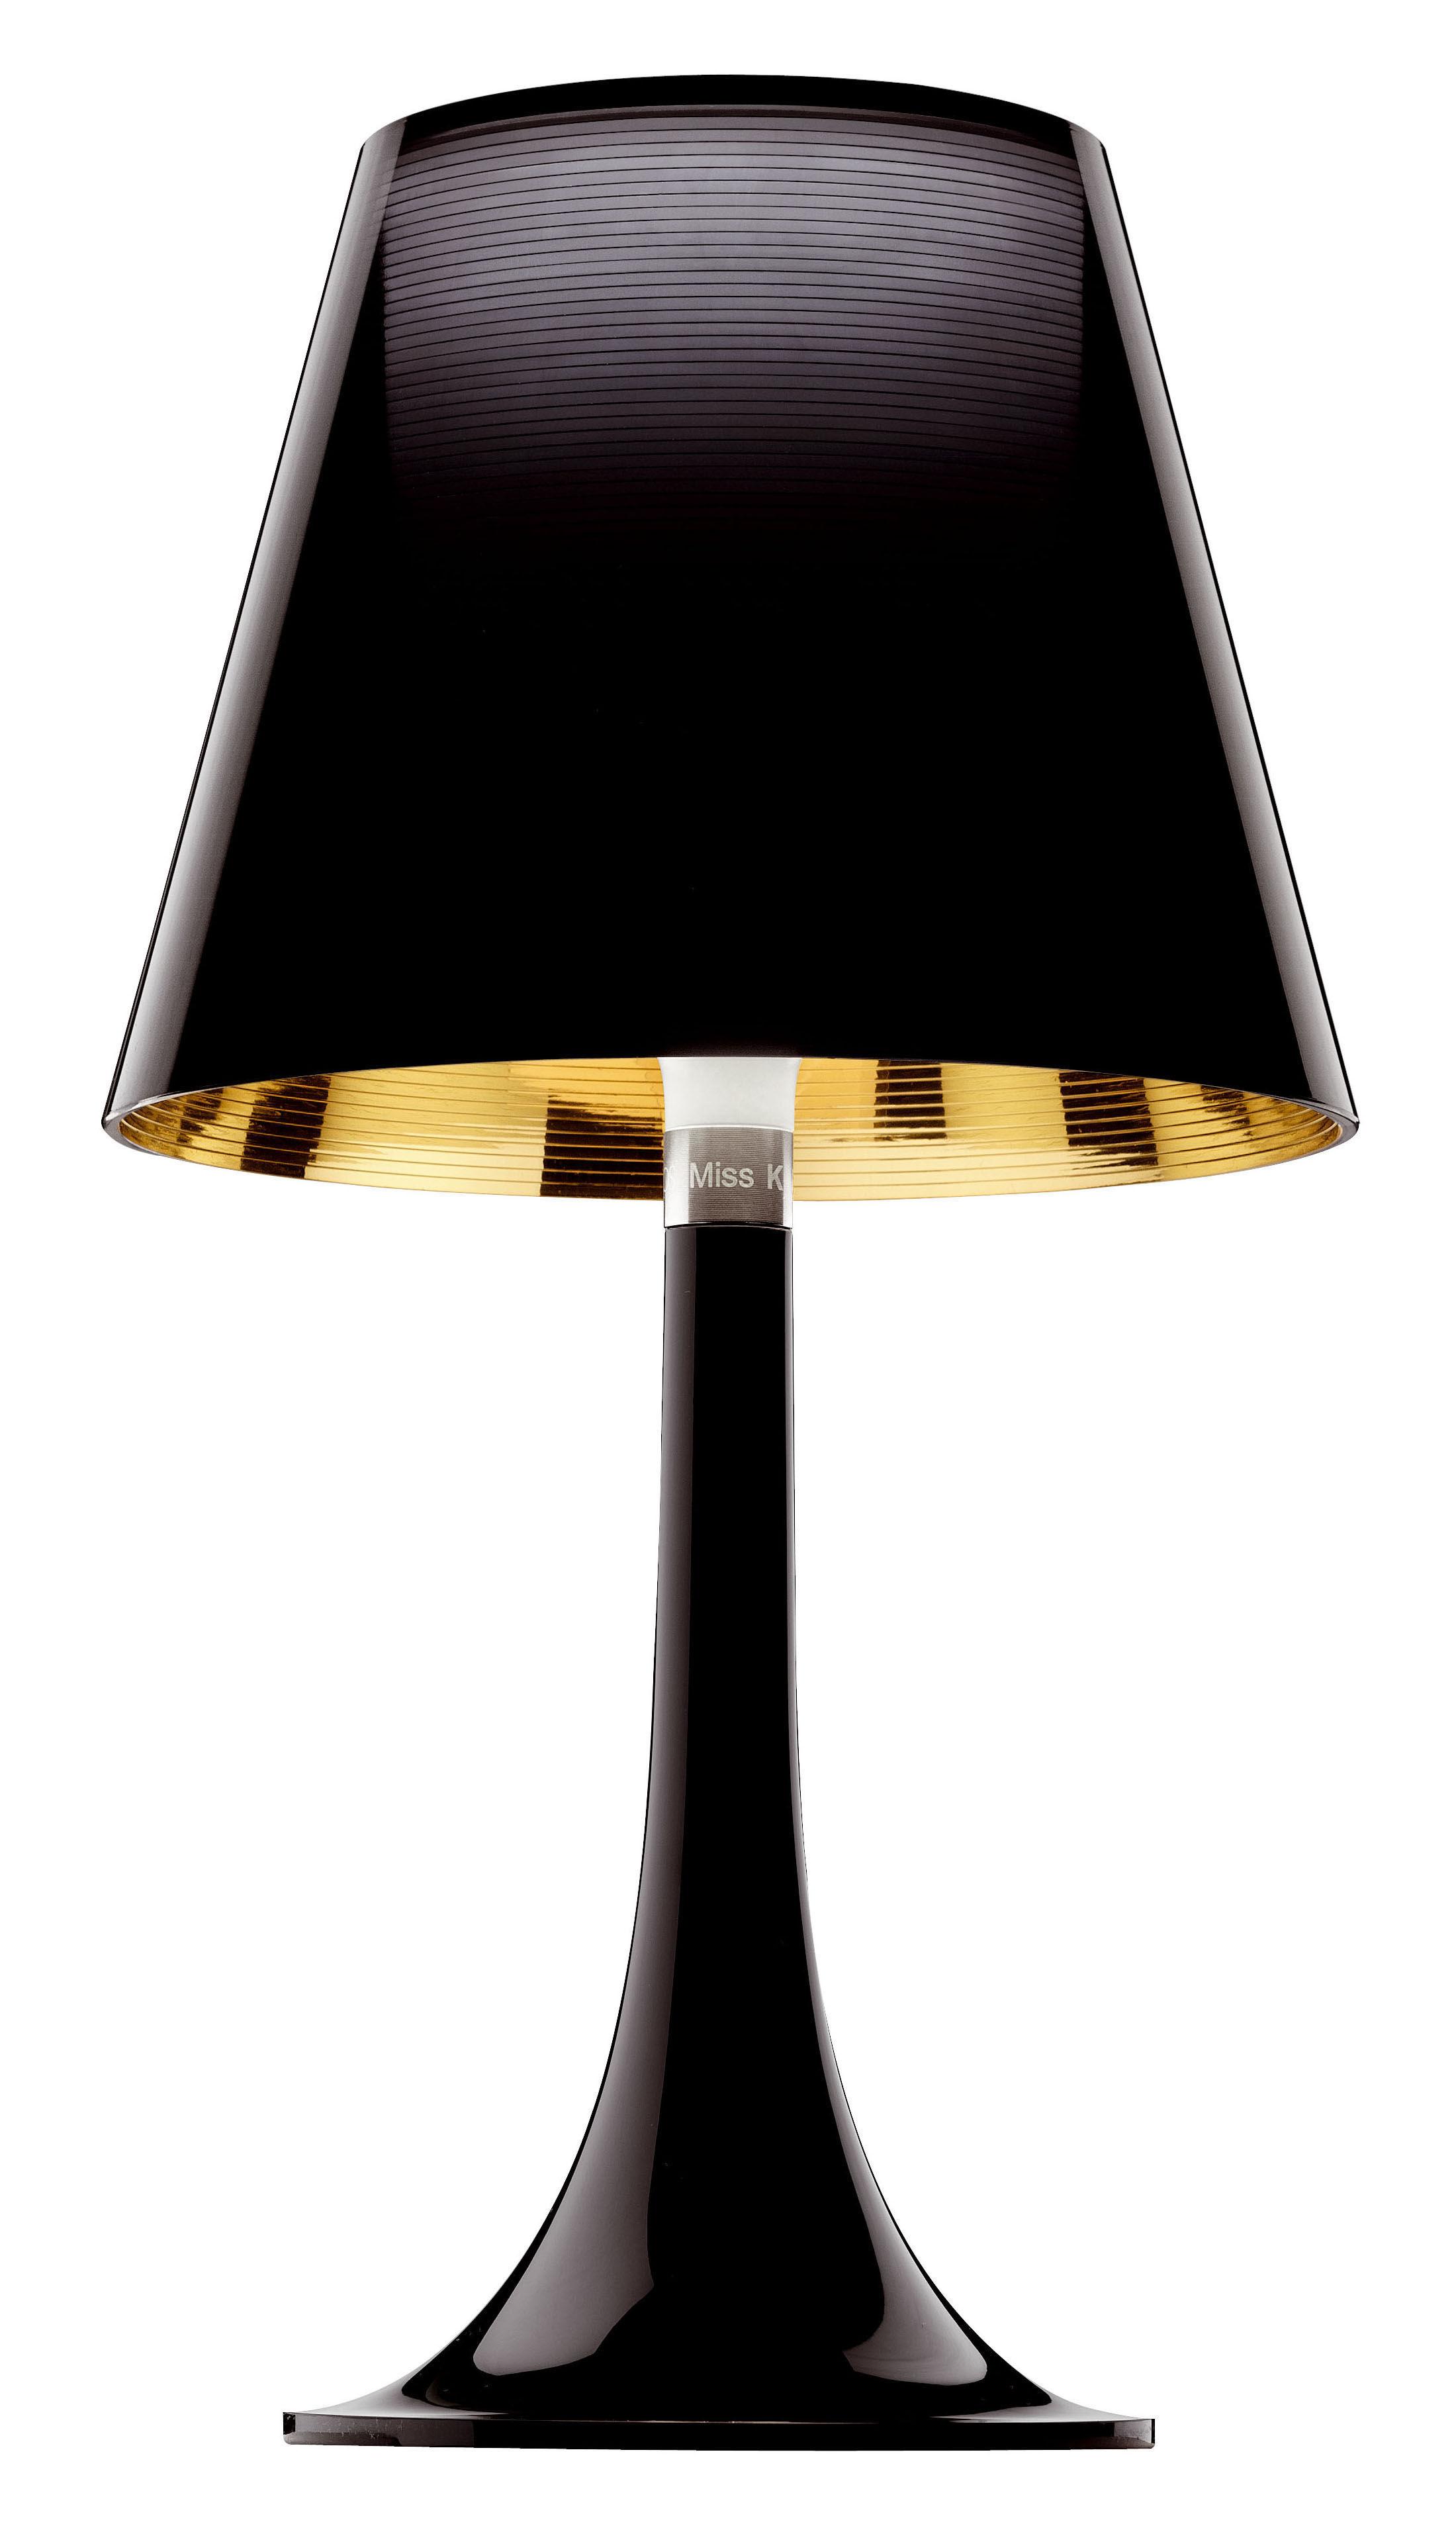 Luminaire - Lampes de table - Lampe de table Miss K - Flos - Noir - Polycarbonate